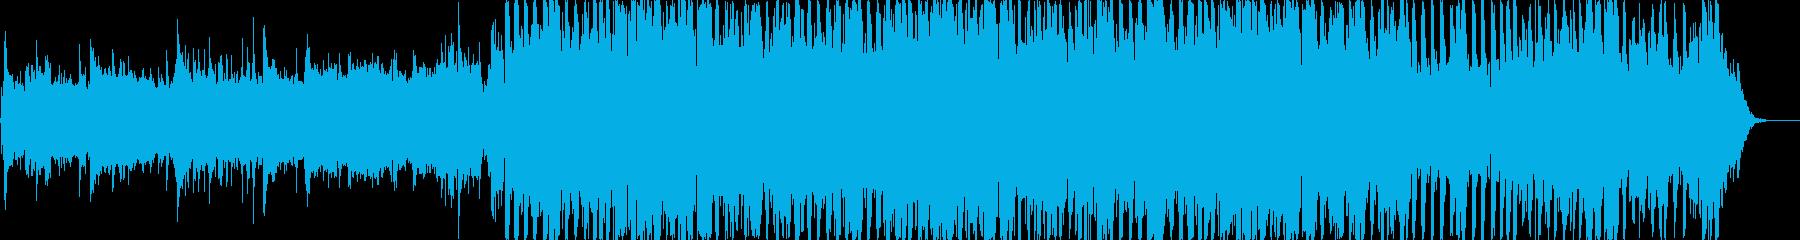 さくら(パチスロ風)フリーズからビッグの再生済みの波形